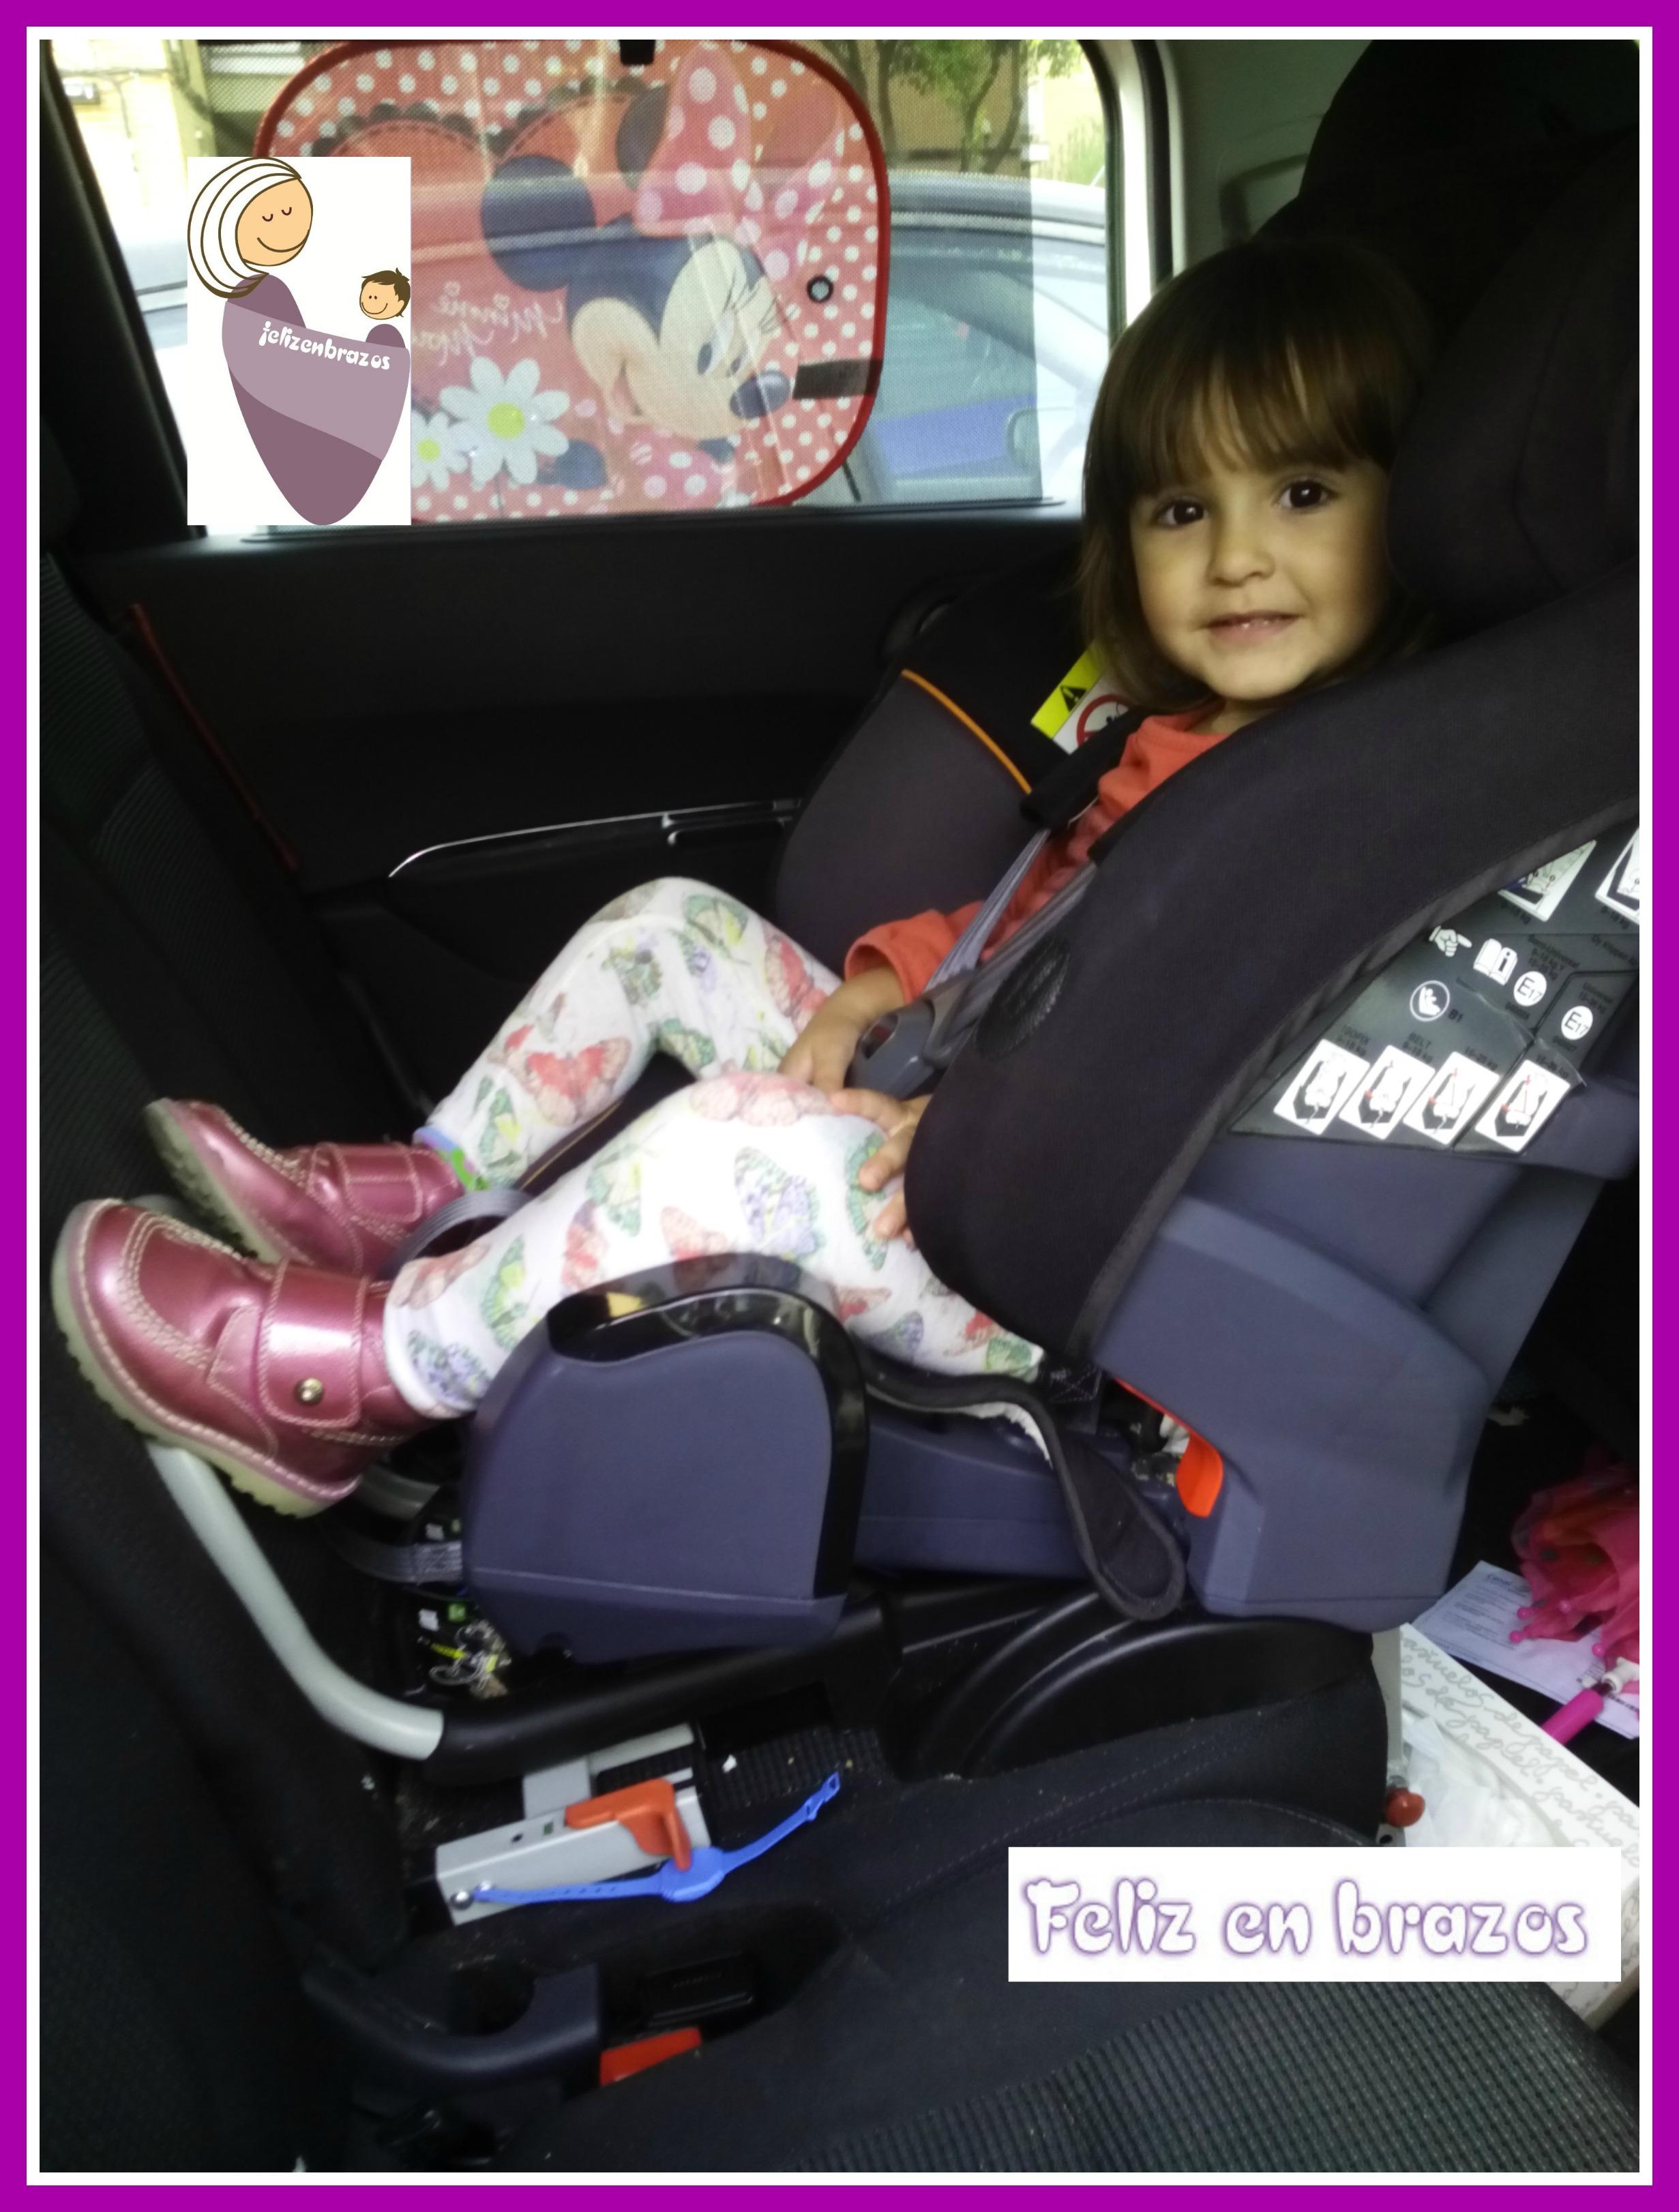 Sillas coche ni os grupos 48214 silla ideas for Sillas ninos coche grupos